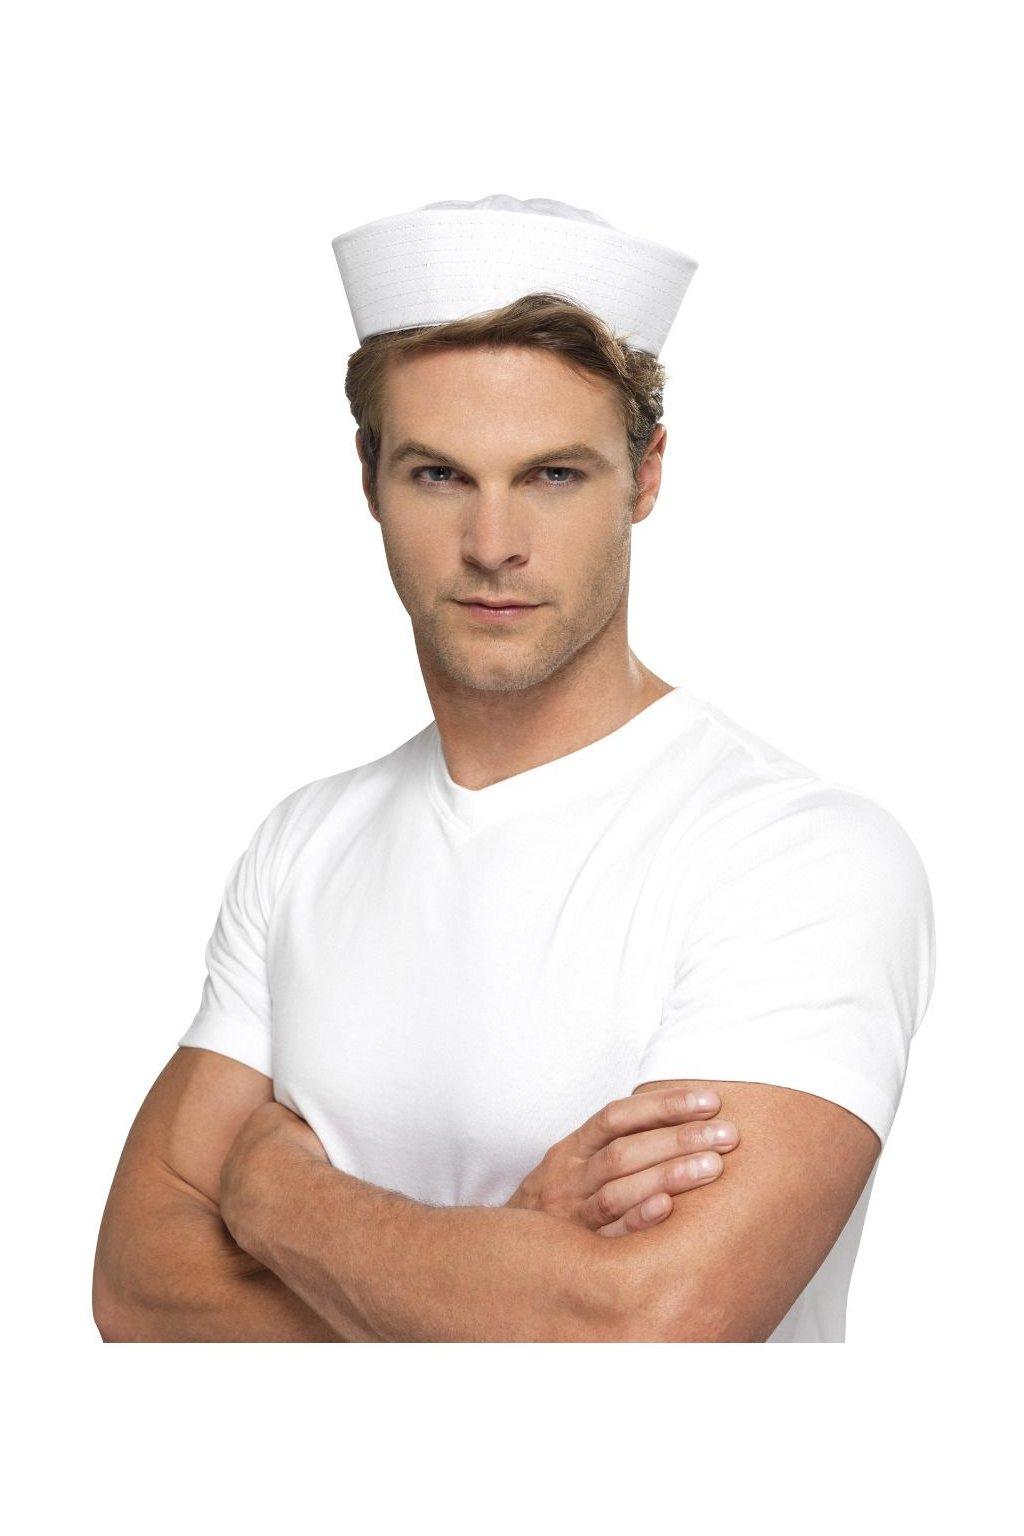 Čepice Námořník bílá - lodička